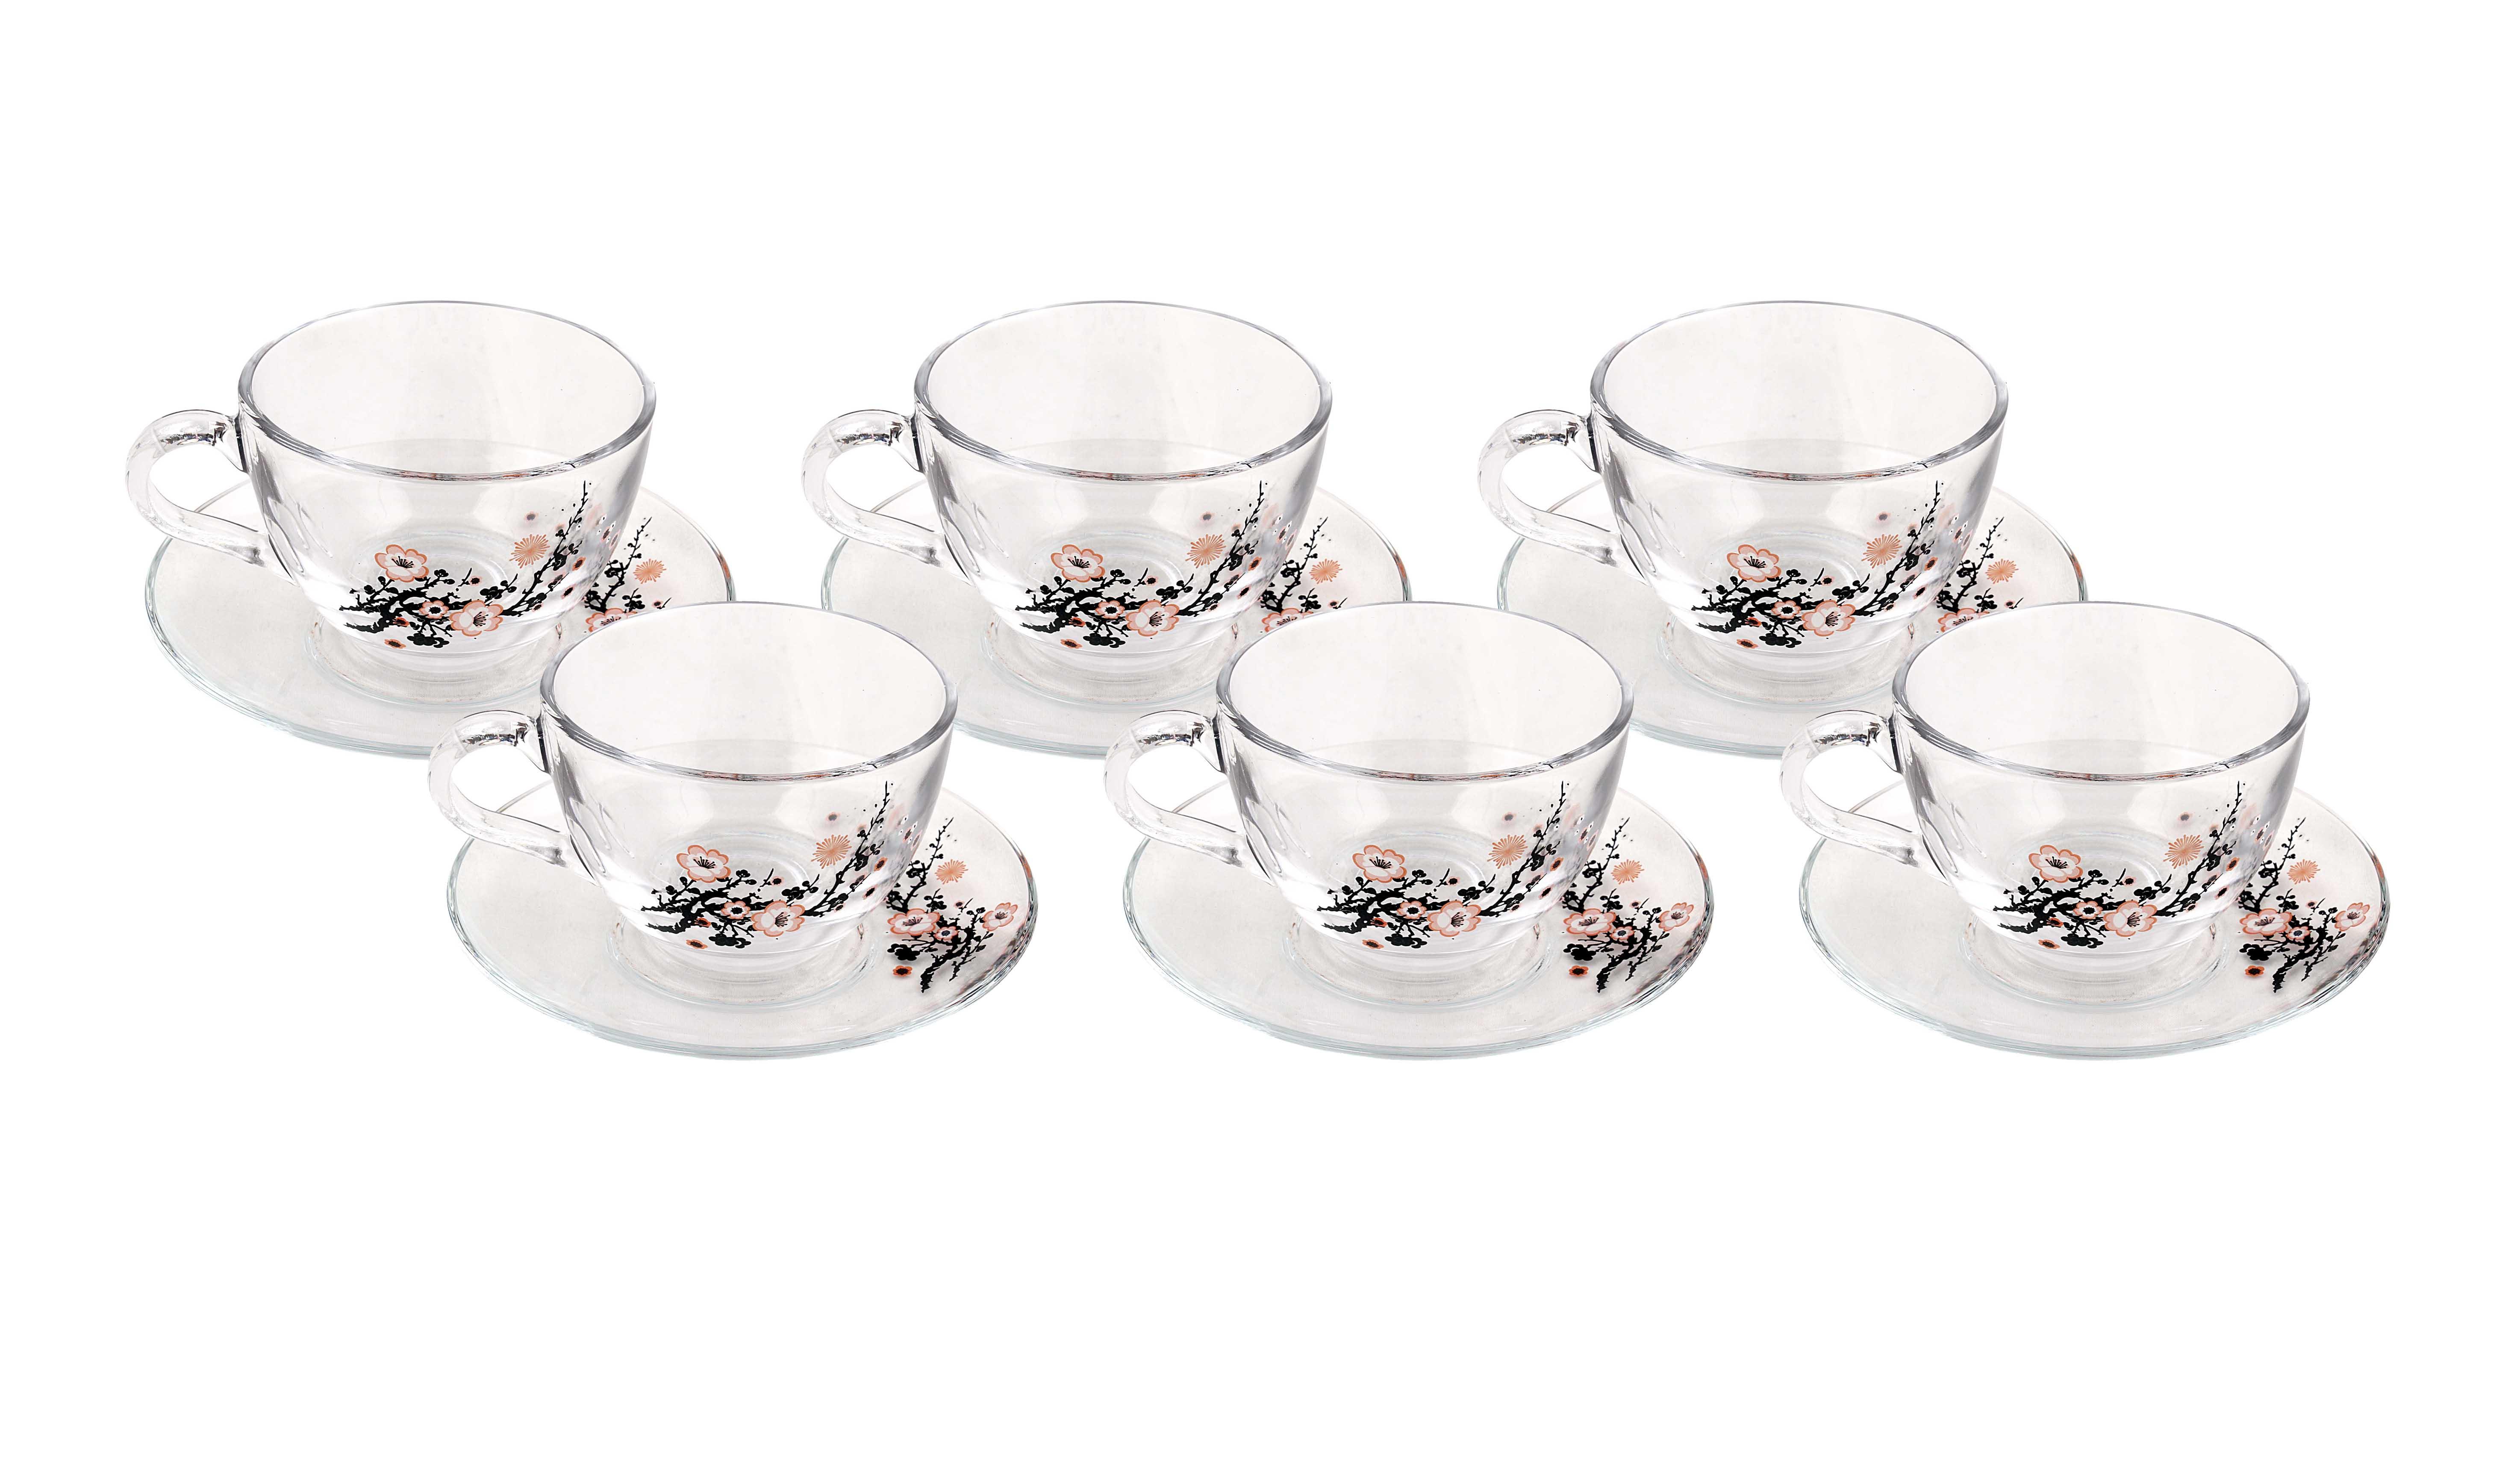 набор (сервиз) для чая или кофе Pasabahce Real Brand Technics 759.000